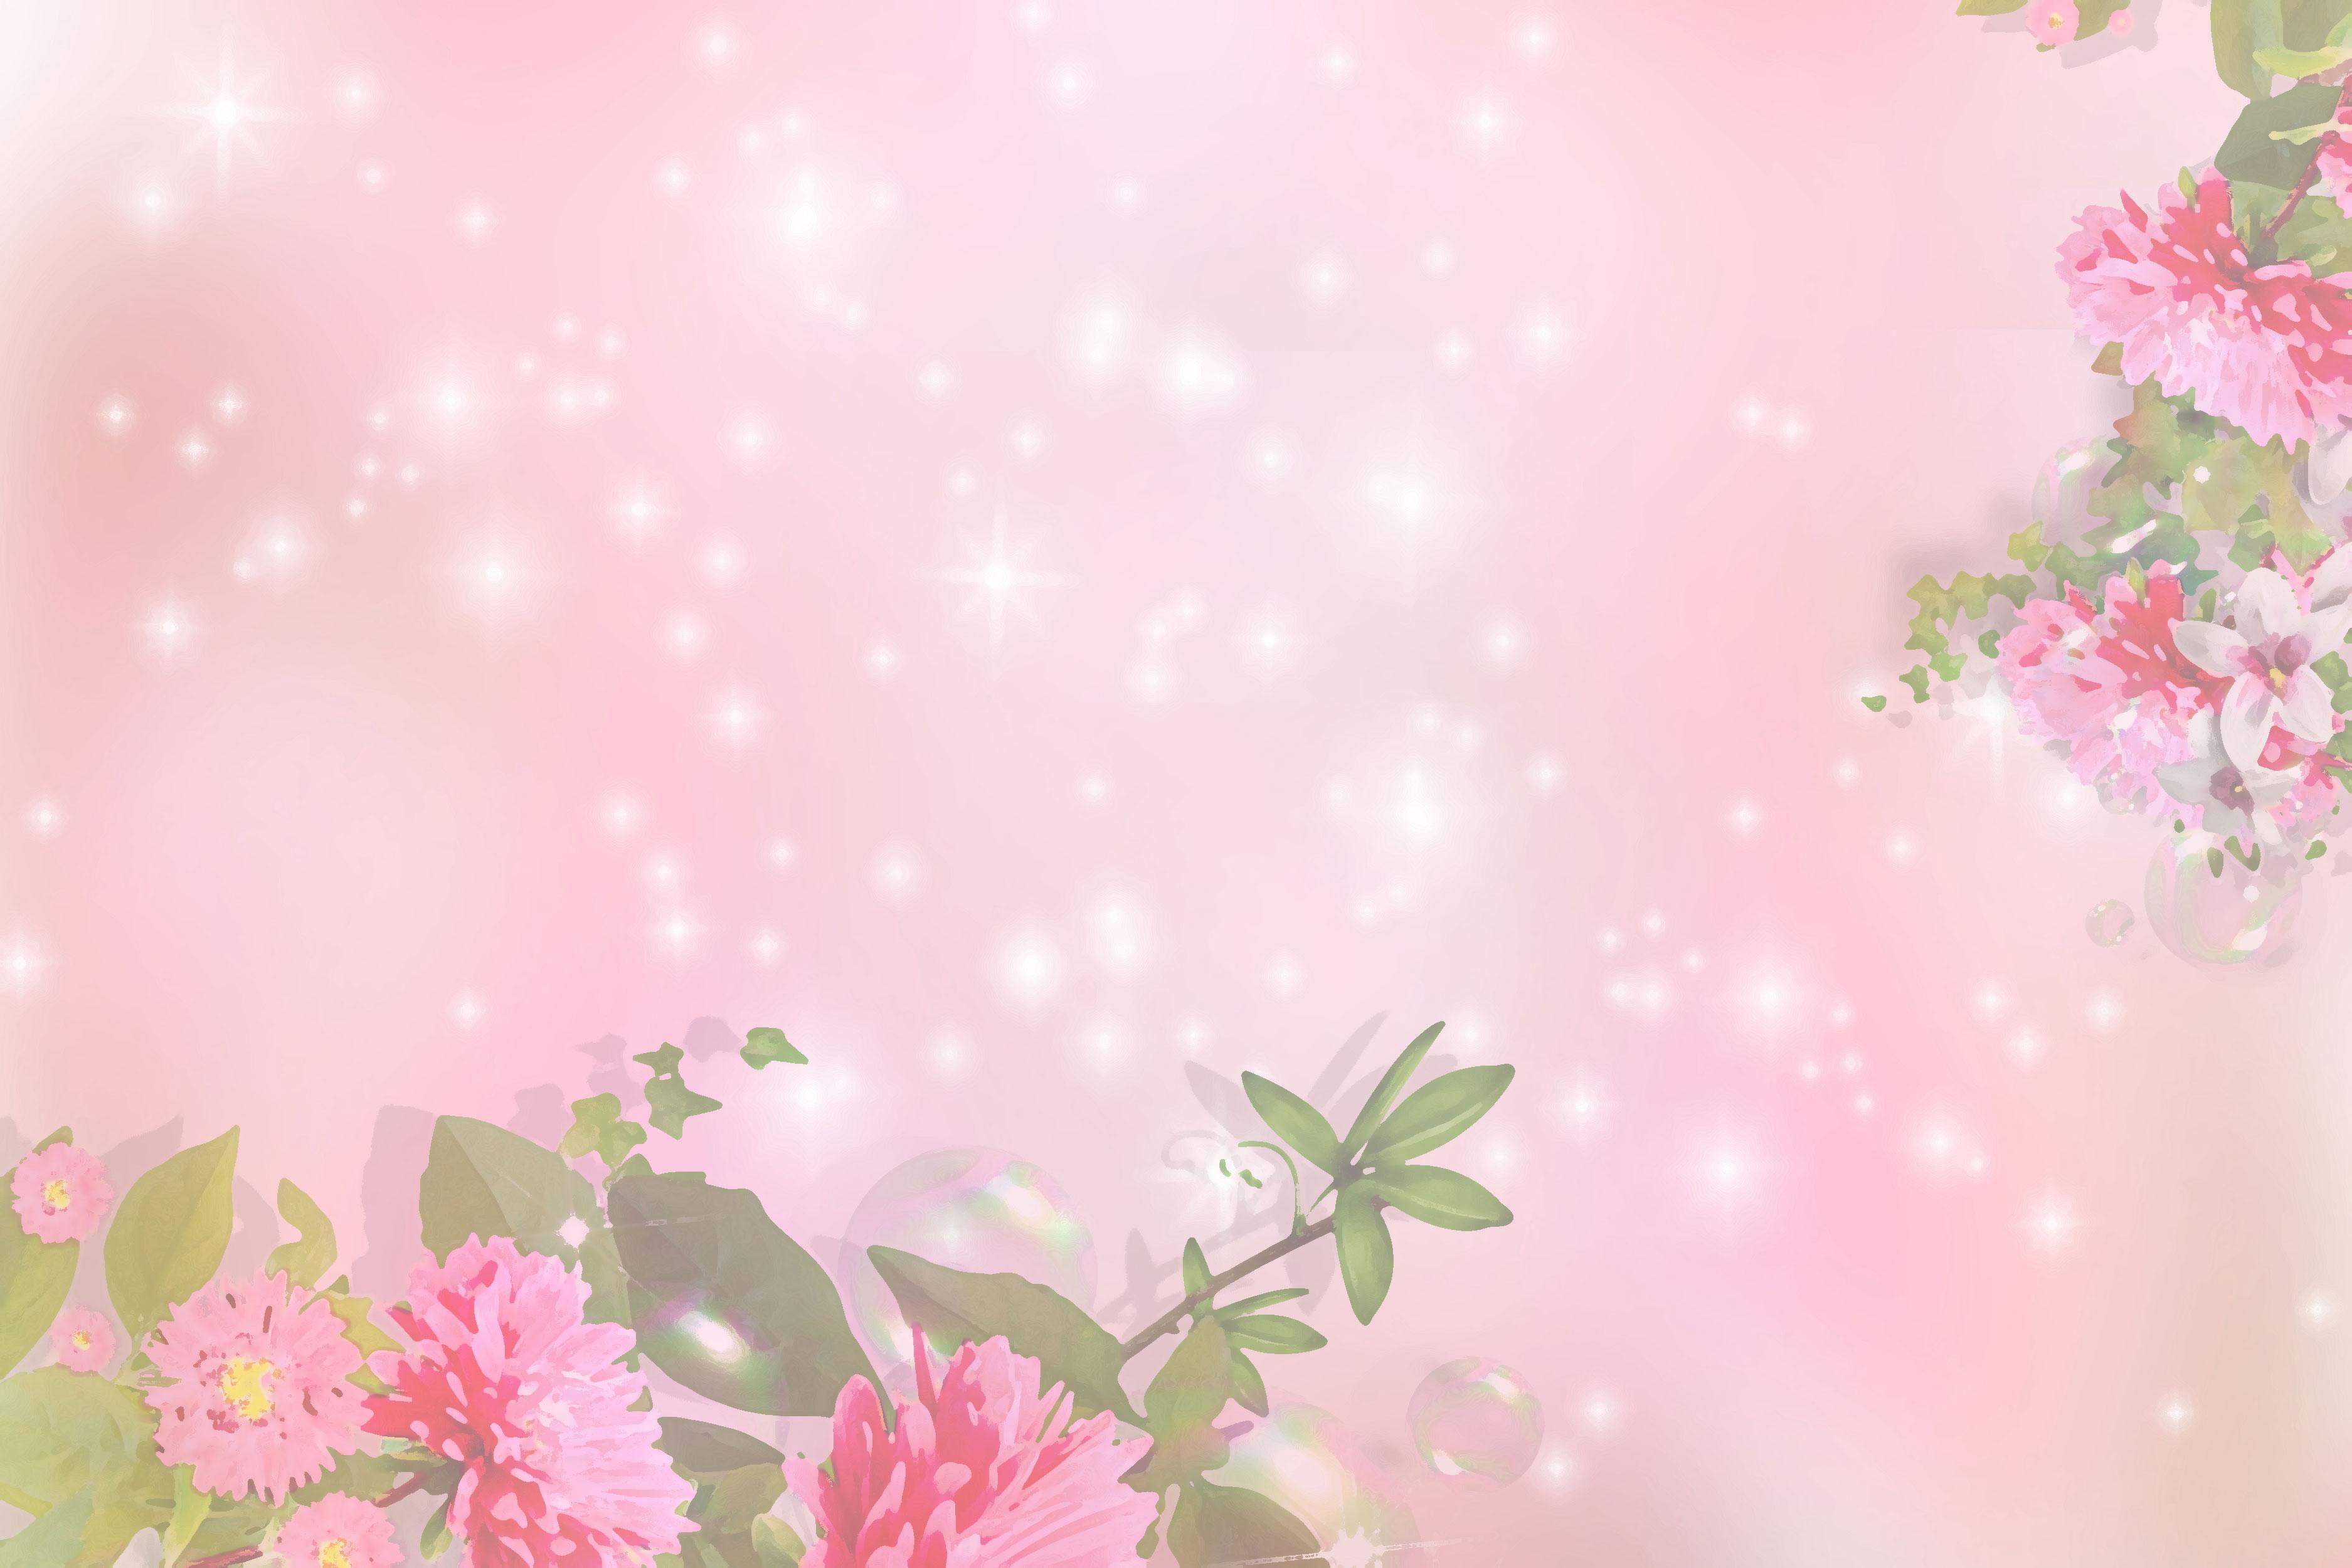 ピンクの花のイラスト フリー素材 壁紙 背景no 720 ピンク 光輝く